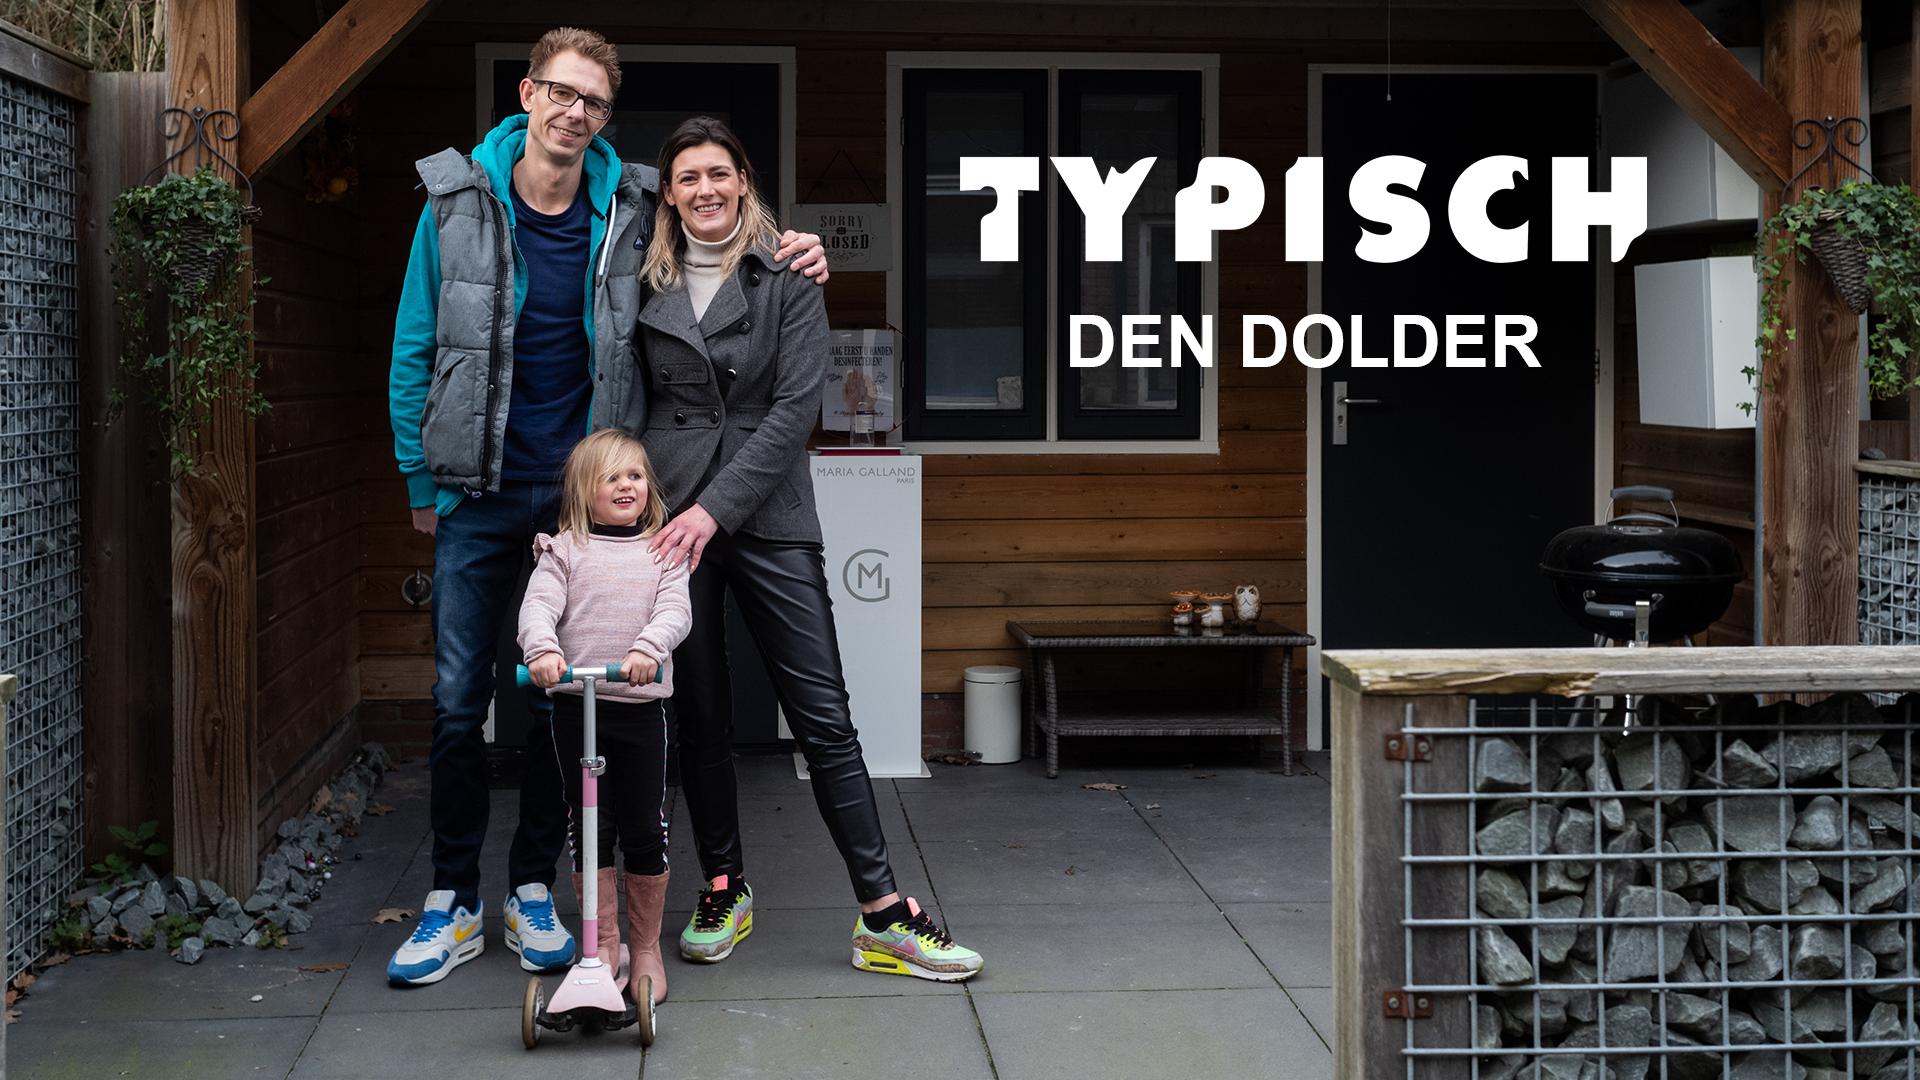 Typisch Den Dolder. Yolanda staat met haar man en dochtertje in de tuin.